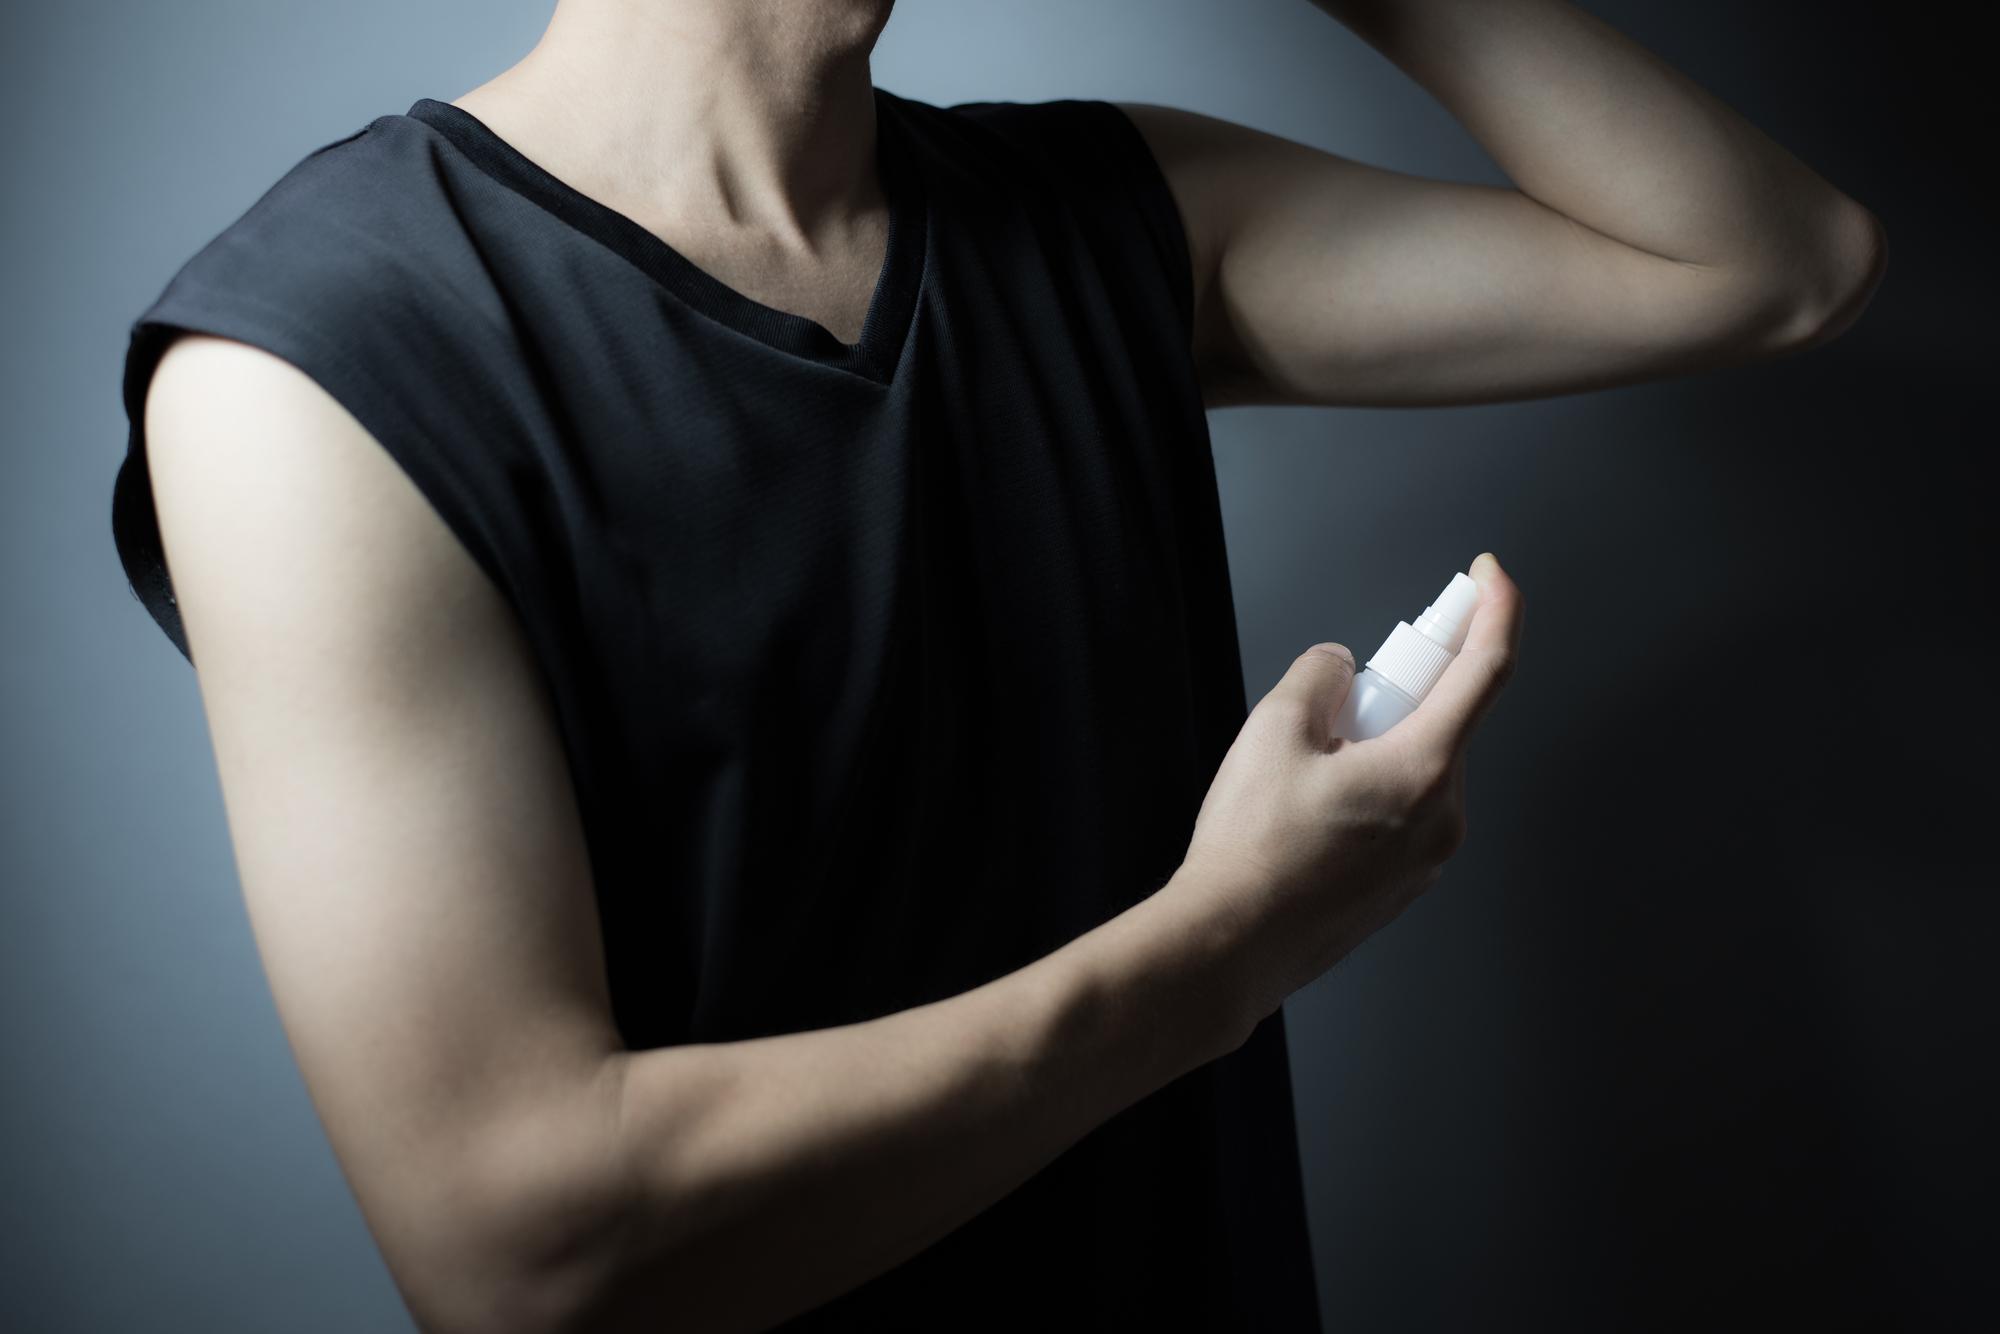 制汗剤はどのようなものを選ぶと良いか